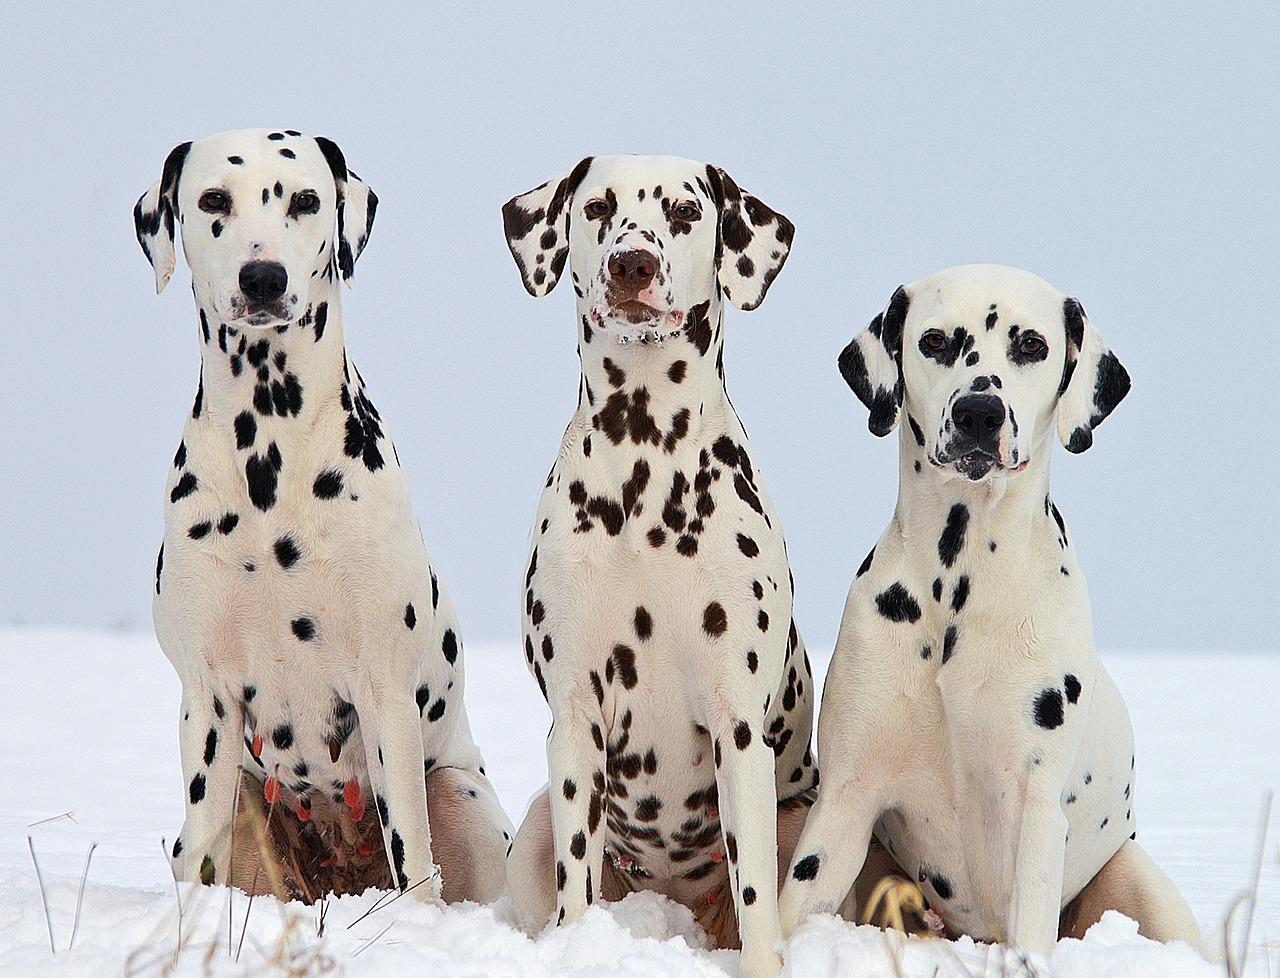 3 dalamatians sitting on a snowy land